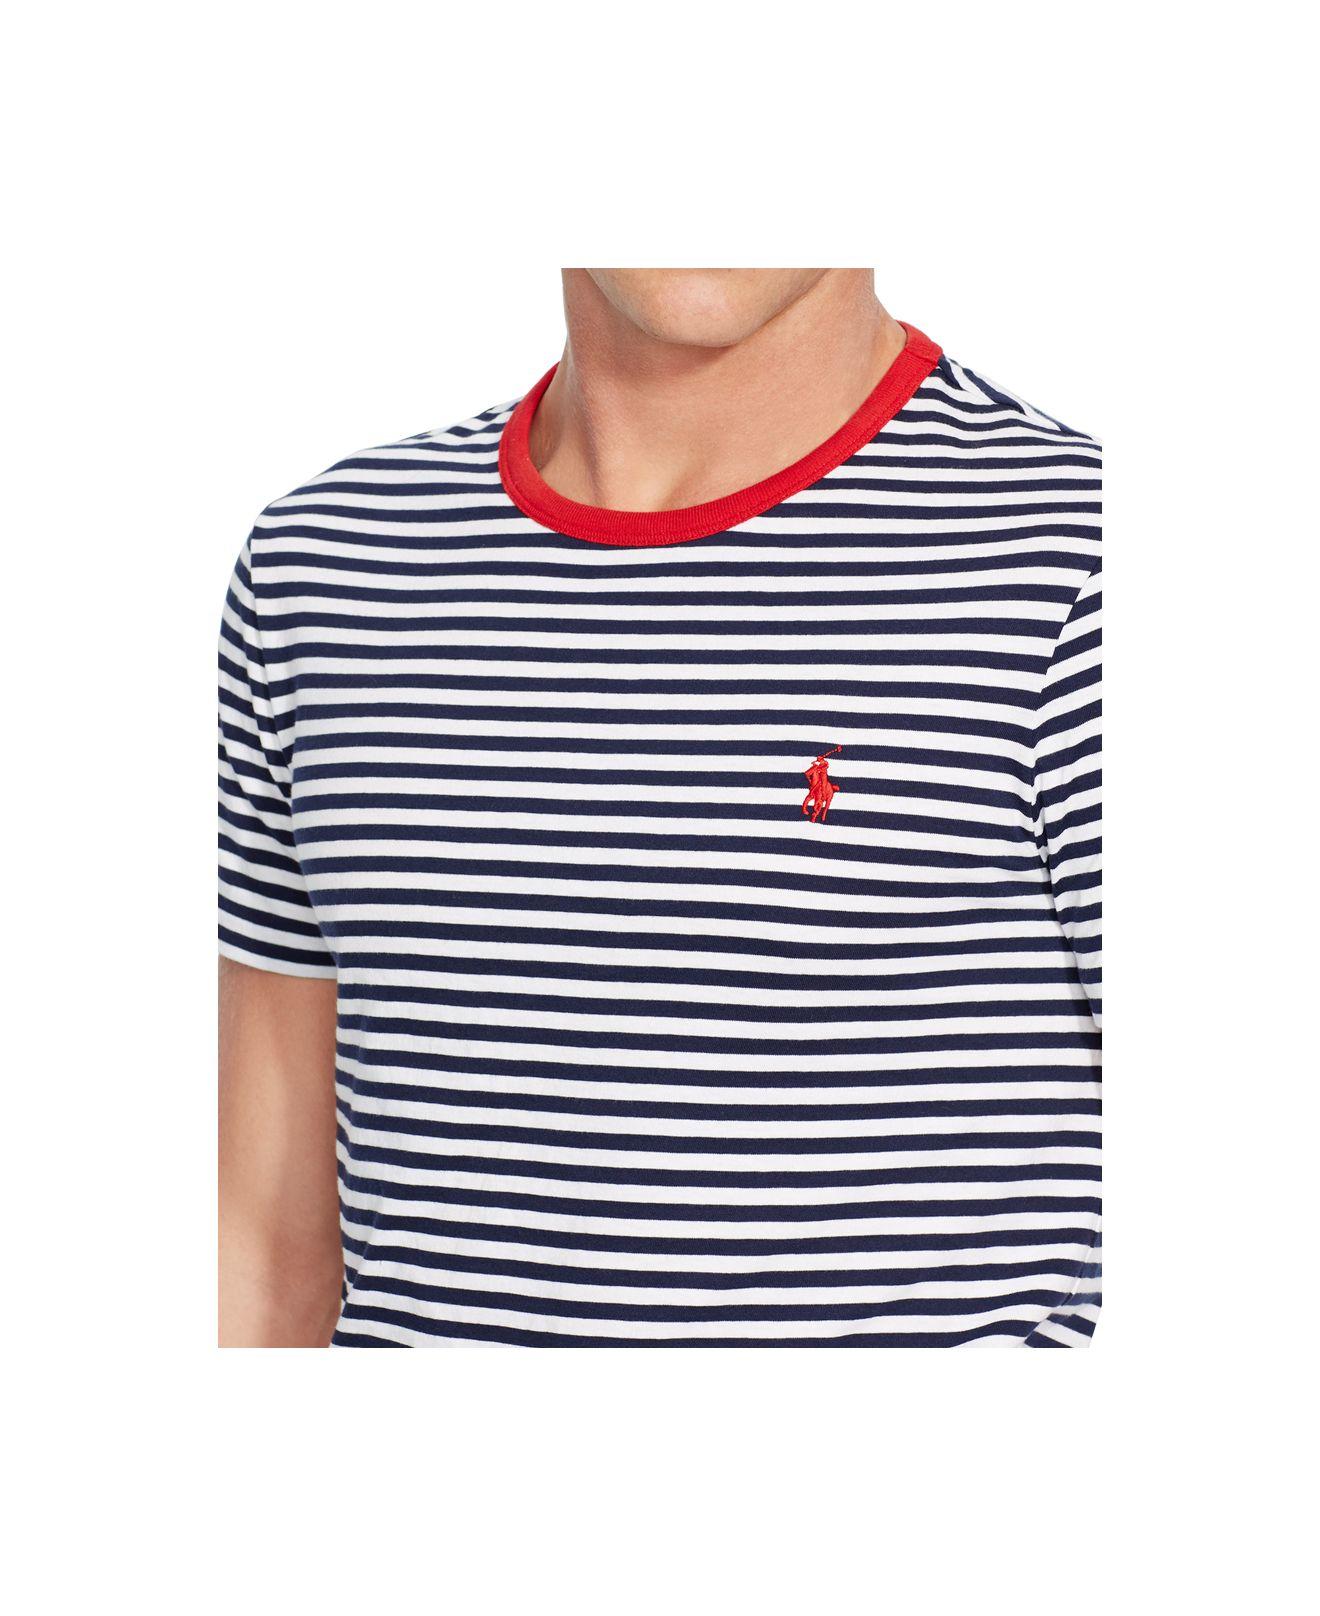 Polo Ralph Lauren Striped Jersey T Shirt Ralph Lauren Polo ...